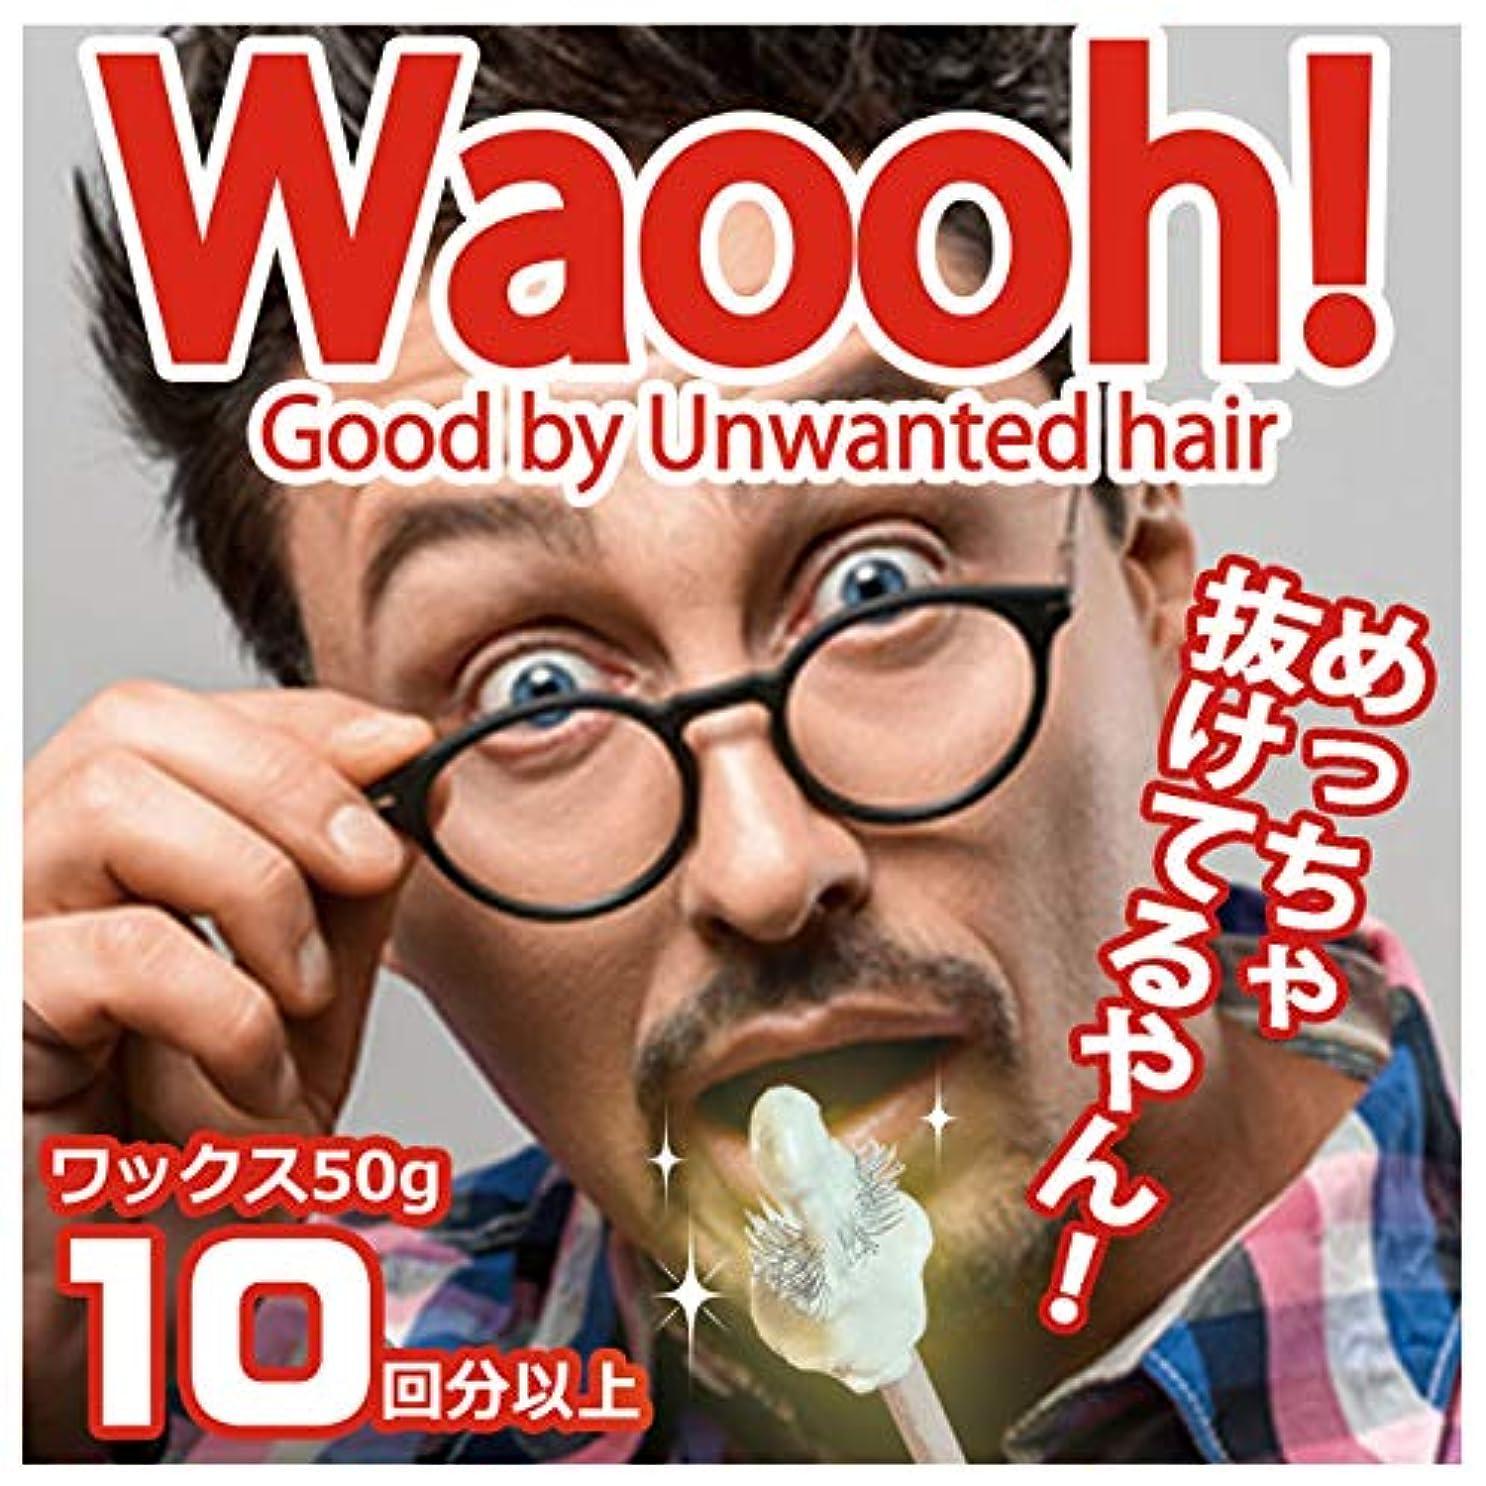 展示会議論するディーラー[Waooh]鼻毛 脱毛 ノーズワックス 鼻 ブラジリアン ワックス キット 男女兼用 (50g 10回分)